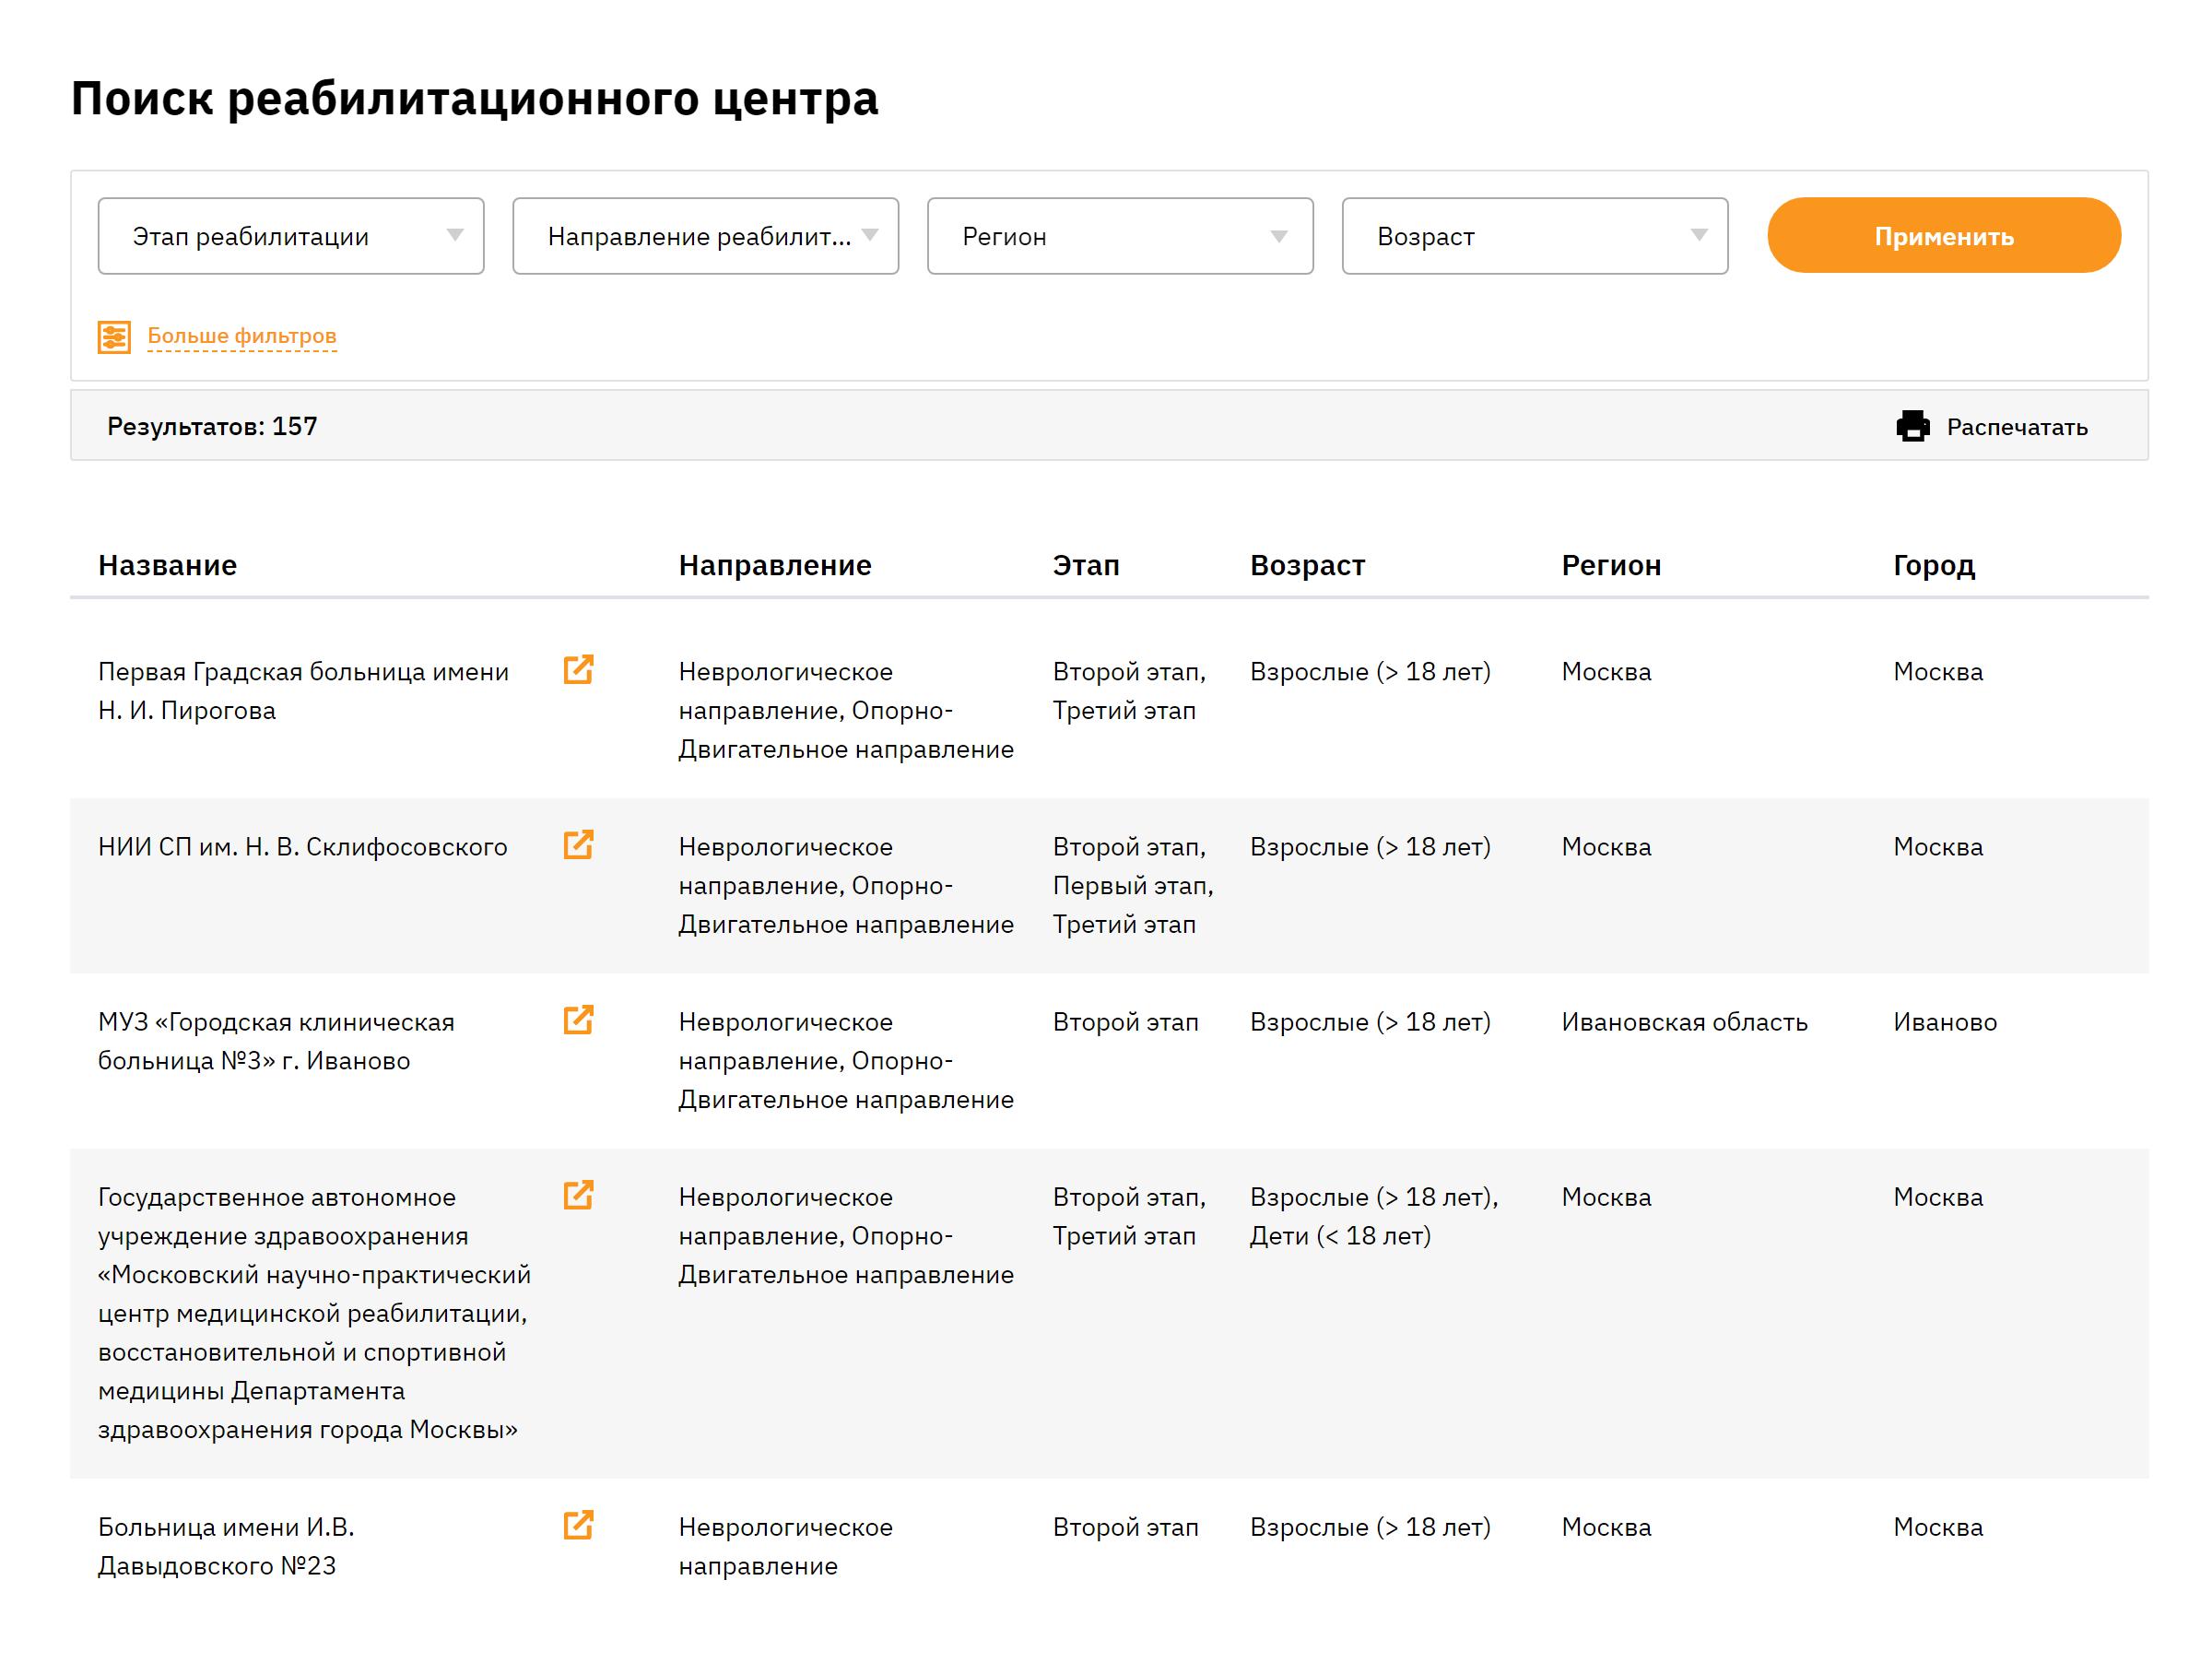 На сайте фонда «Правмир» можно ввести свои данные и найти частные и государственные центры, подходящие по заболеванию, региону и возрасту